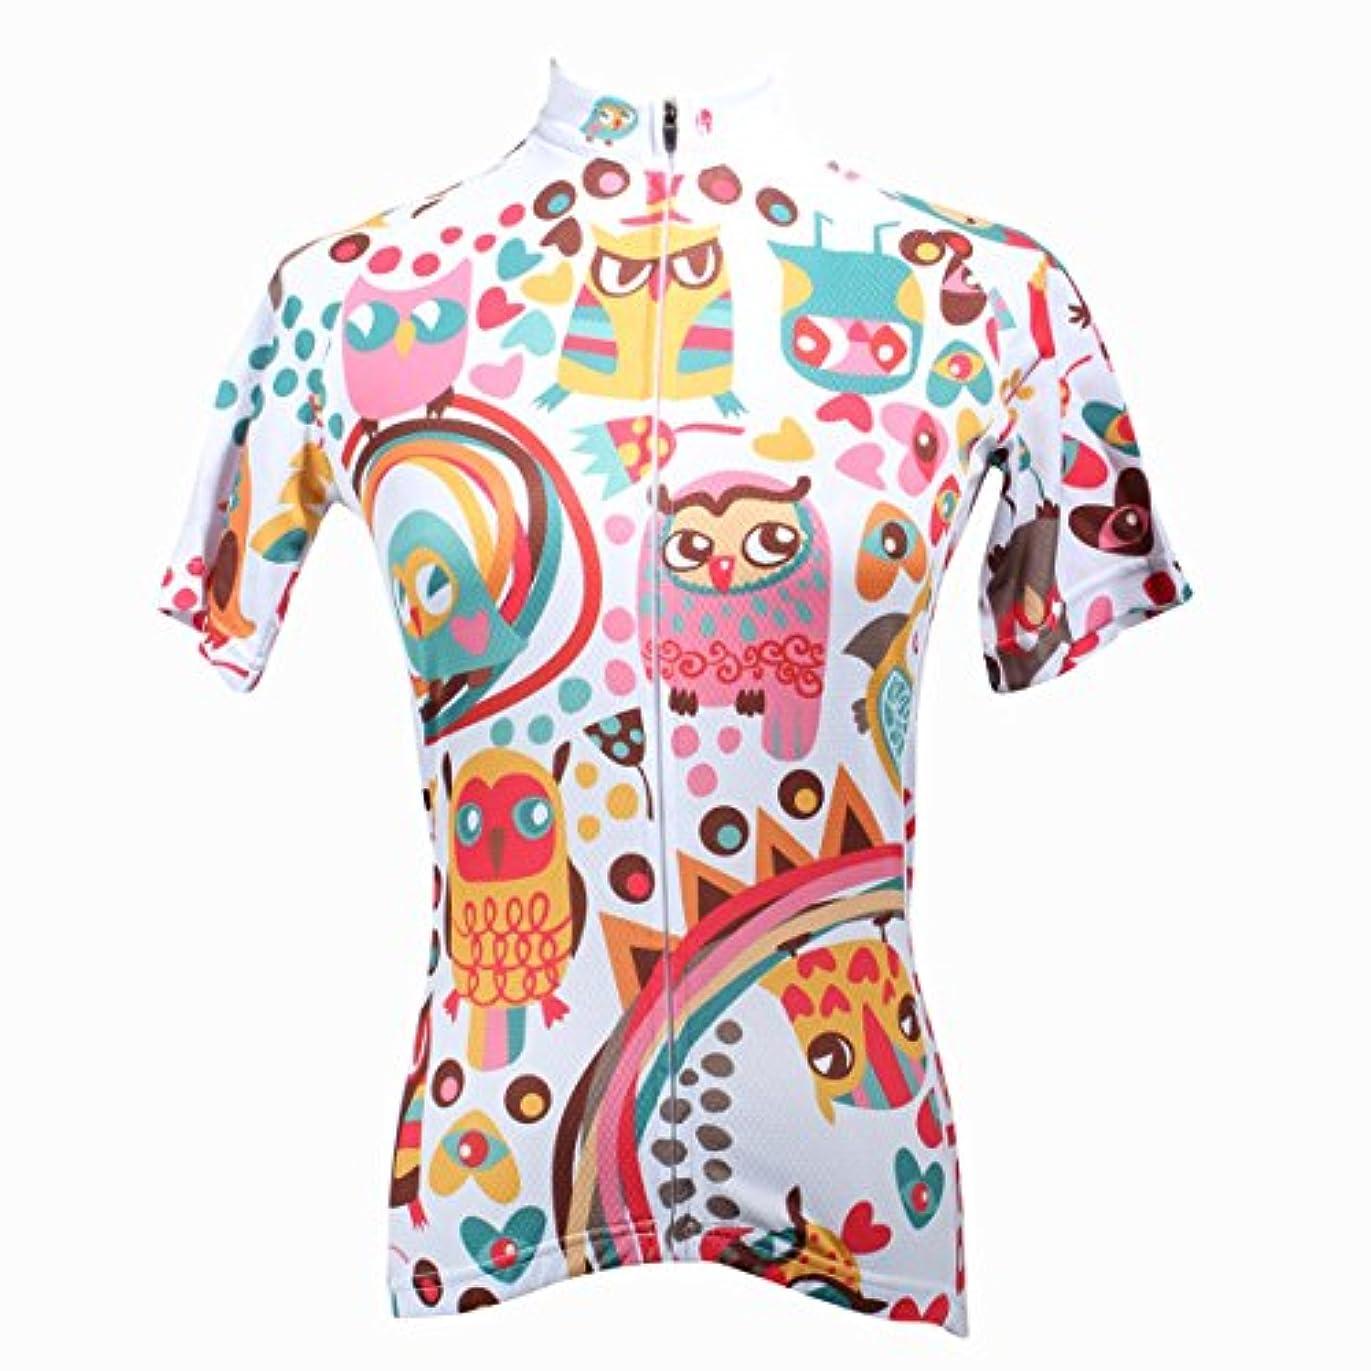 精査する逃れるスープ[ILPALADINO] #195 高品質サイクルウェア 女性用 短袖 cycling clothes サイクリングジャージ コンプレッションウェア パワーストレッチ MTB レーサー 自転車服装